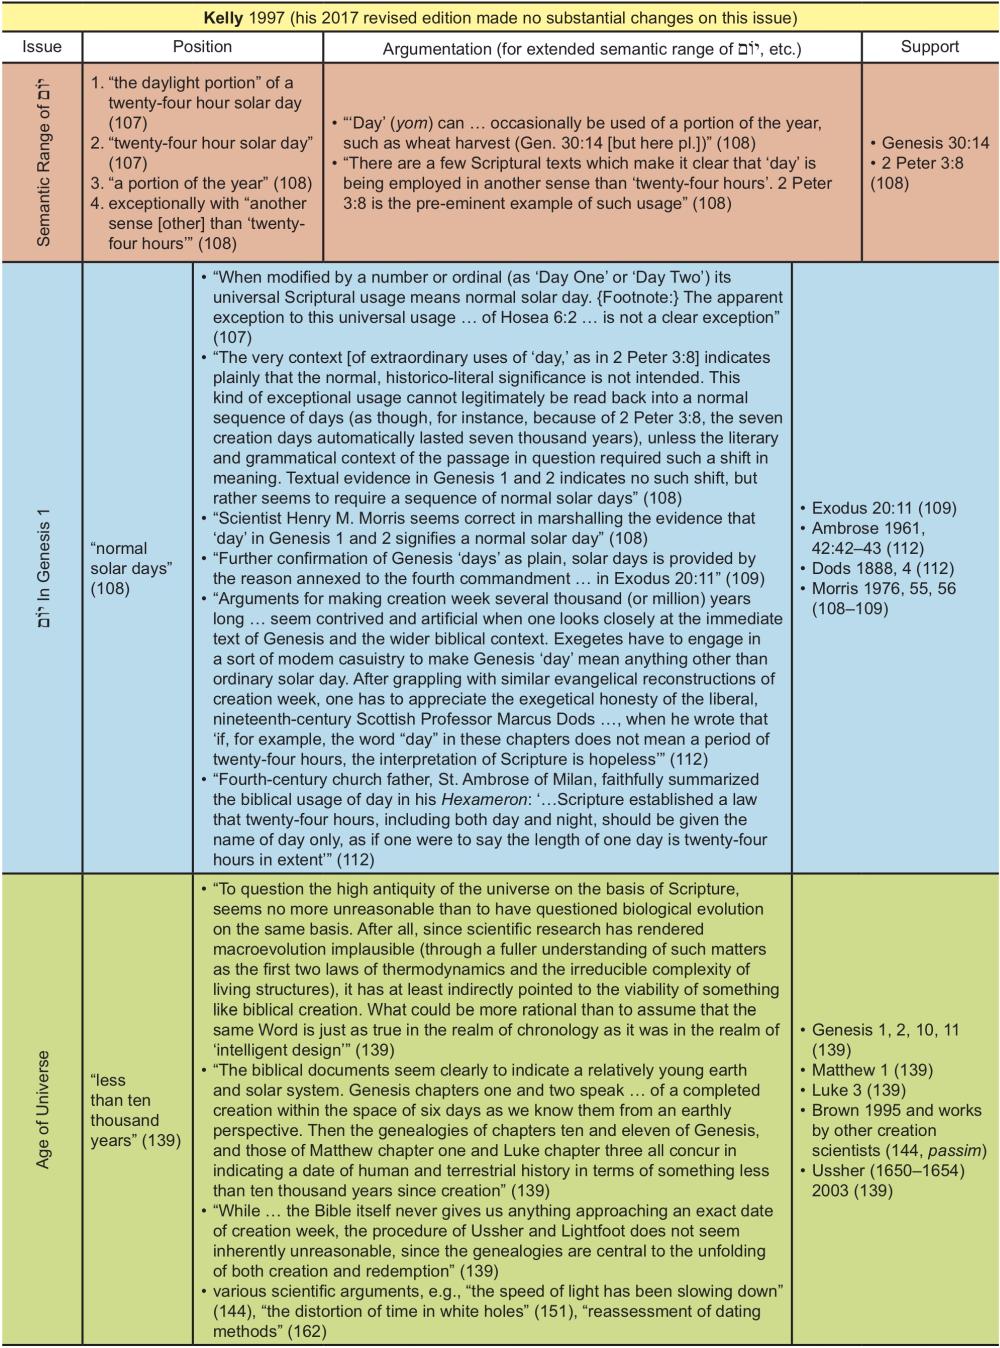 Appendix Table 20